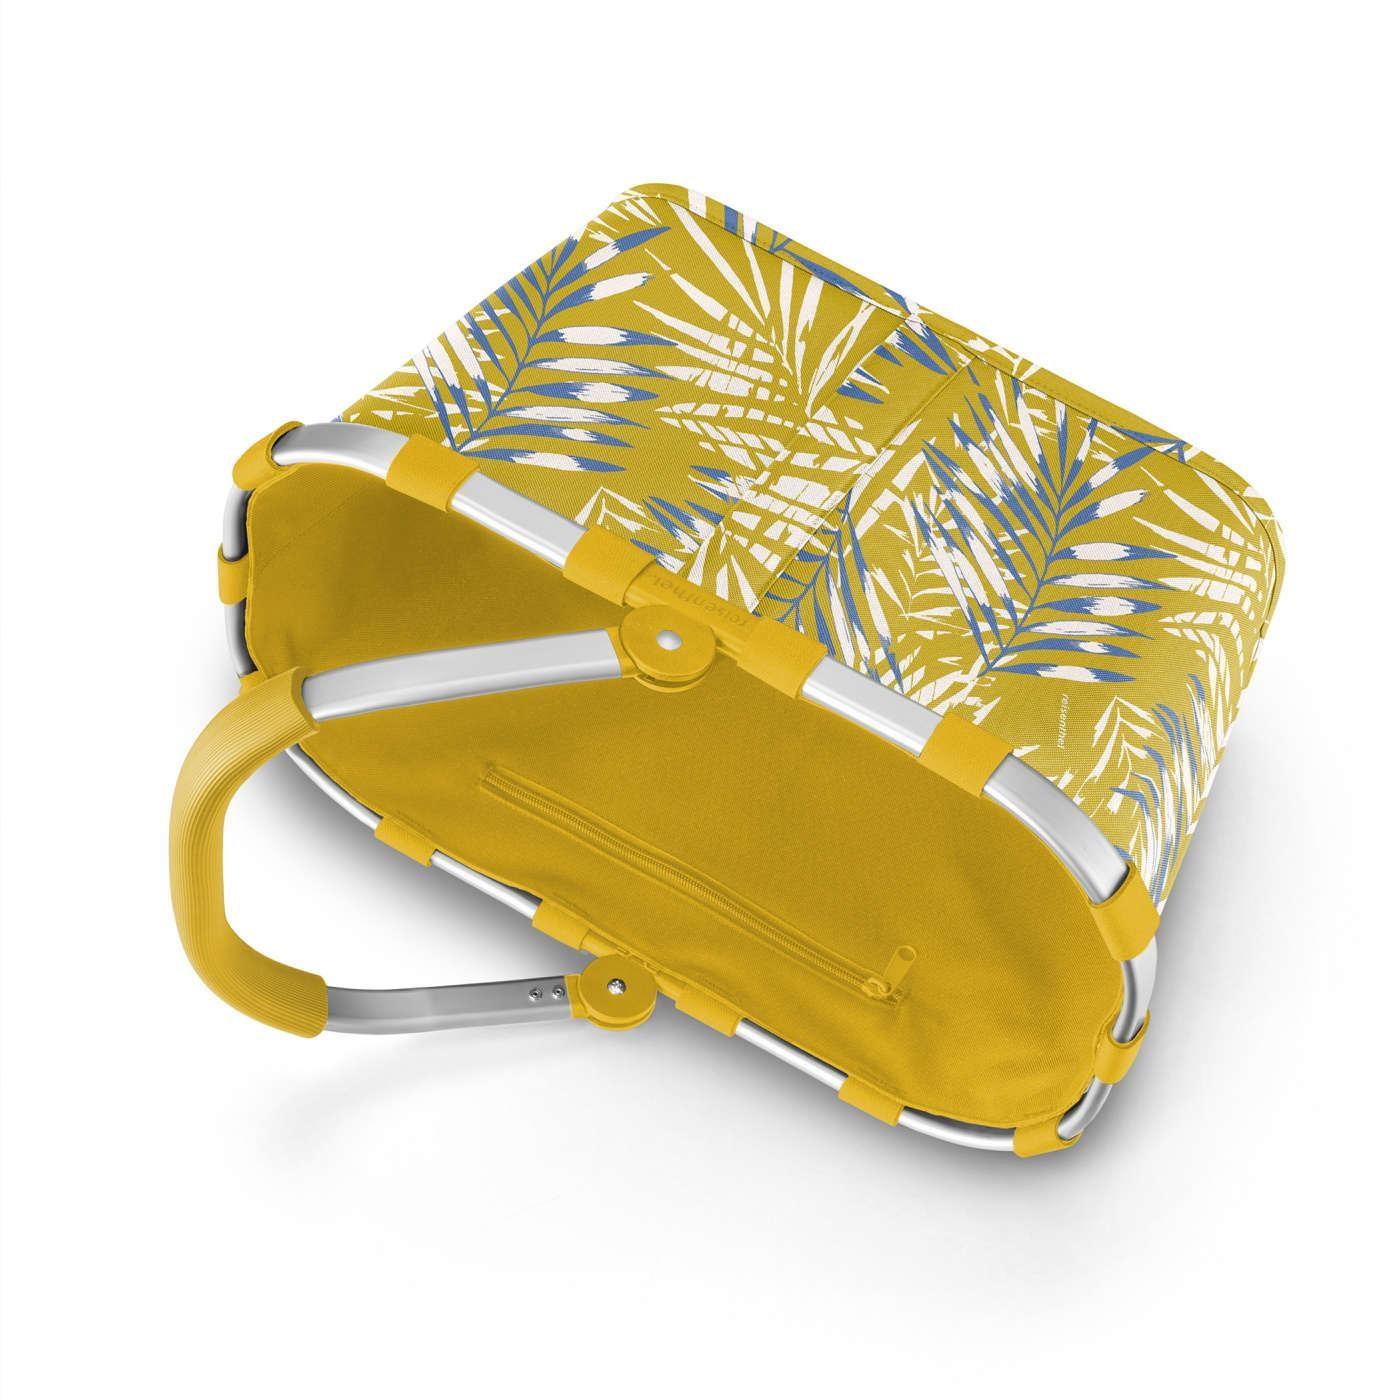 Nákupní košík Carrybag jungle curry_1